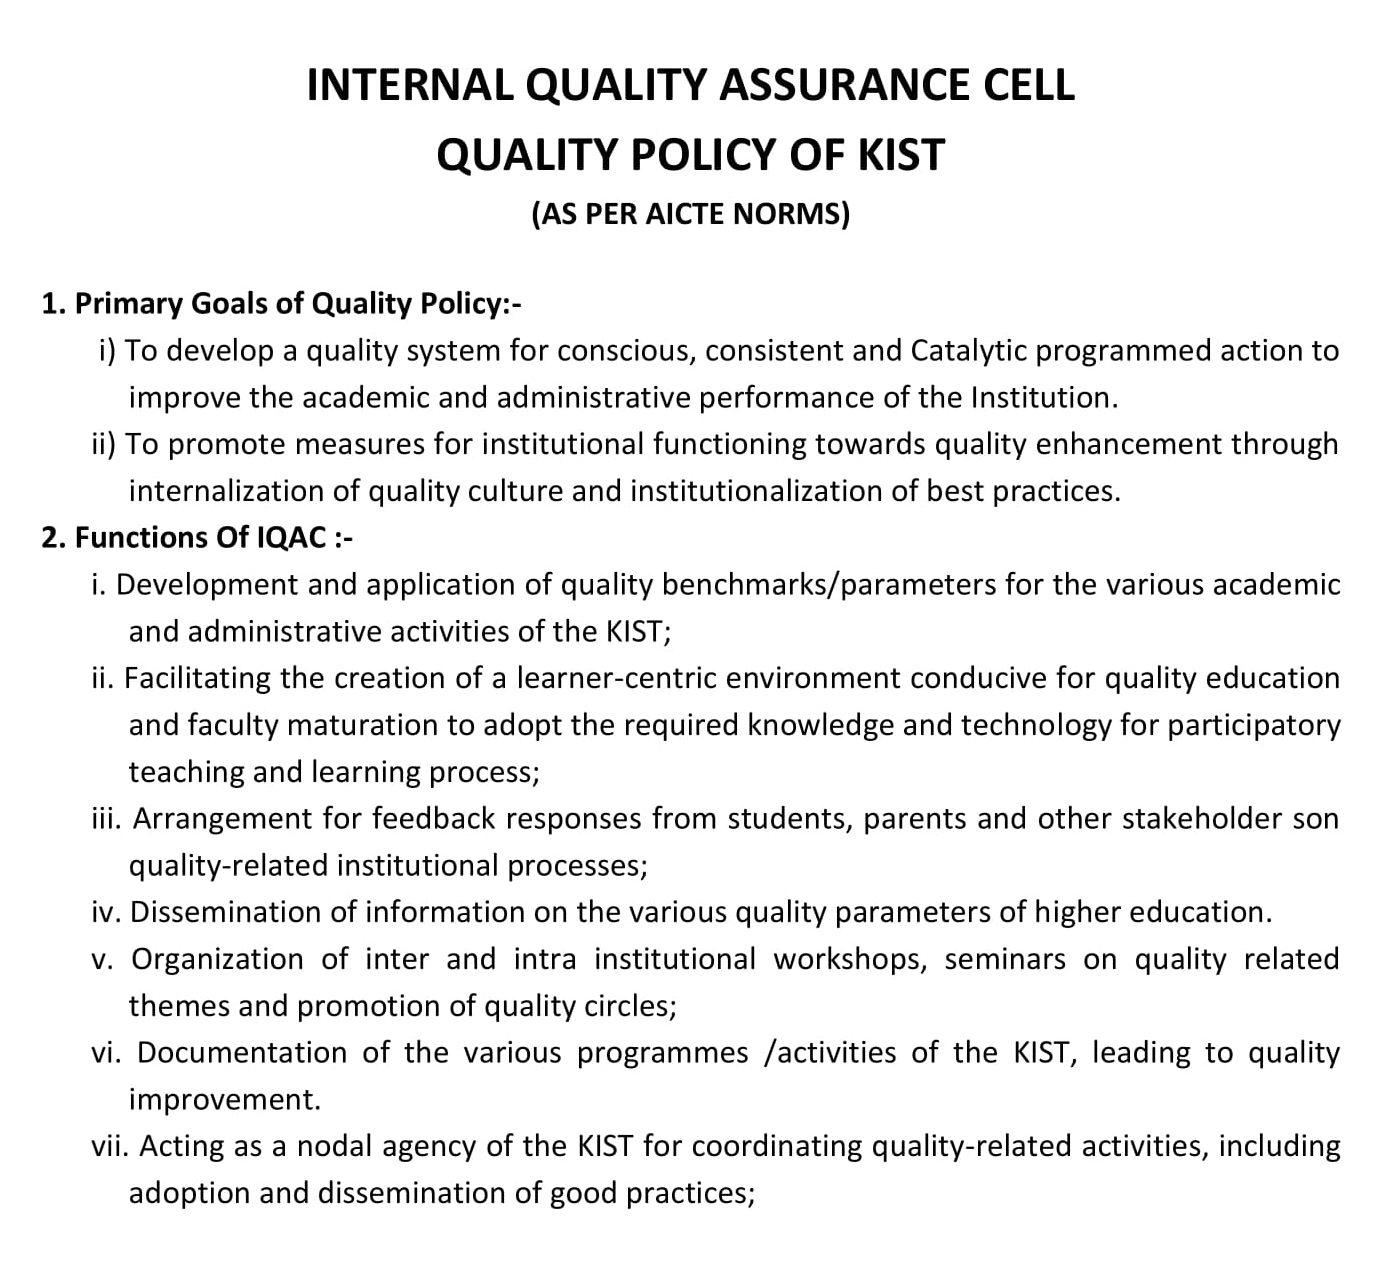 INTERNAL QUALITY ASSURANCE CELL KIST